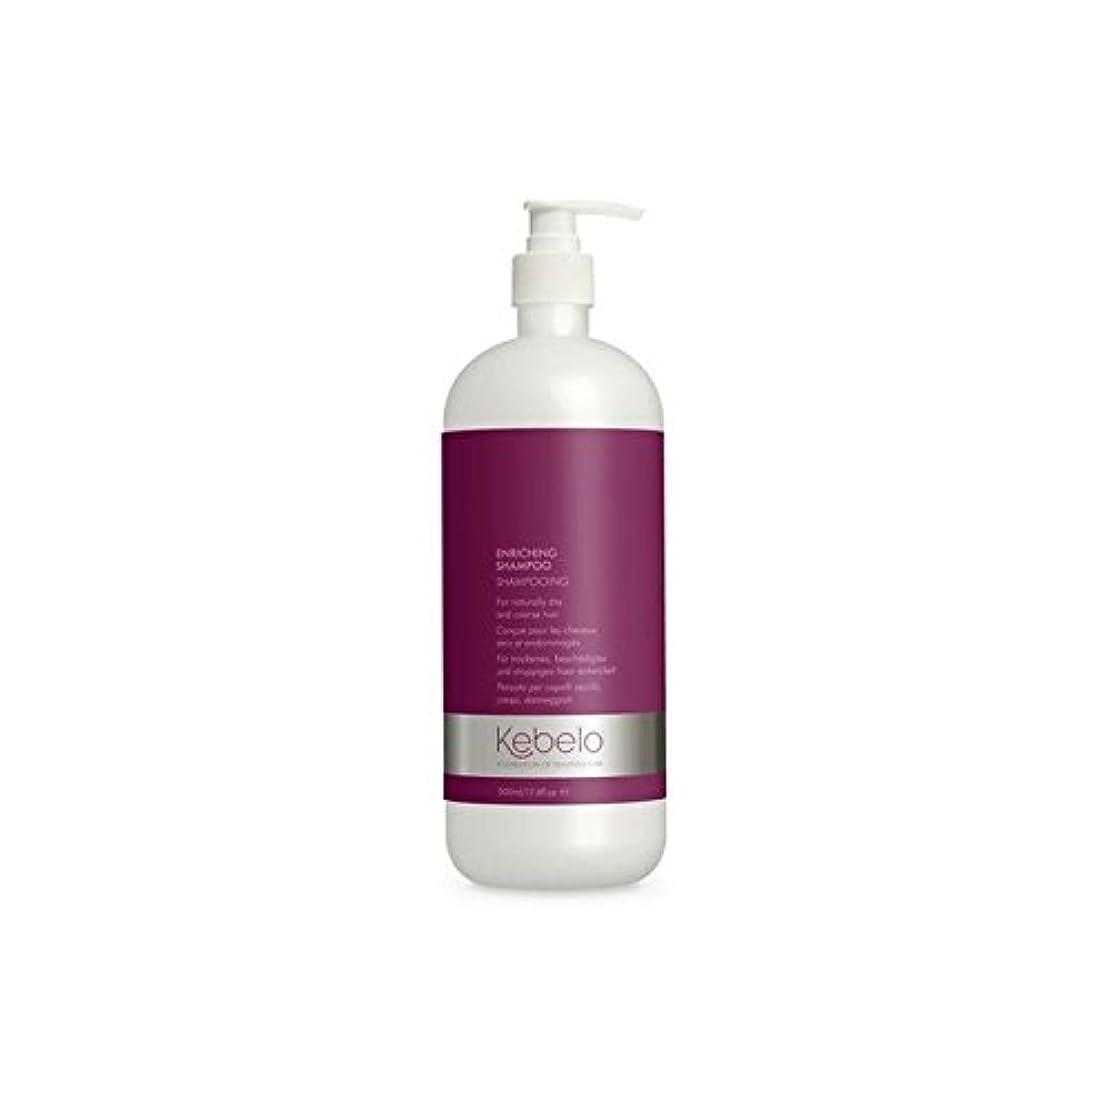 予測子石の単位シャンプー500ミリリットルを豊かに x2 - Kebelo Enriching Shampoo 500ml (Pack of 2) [並行輸入品]